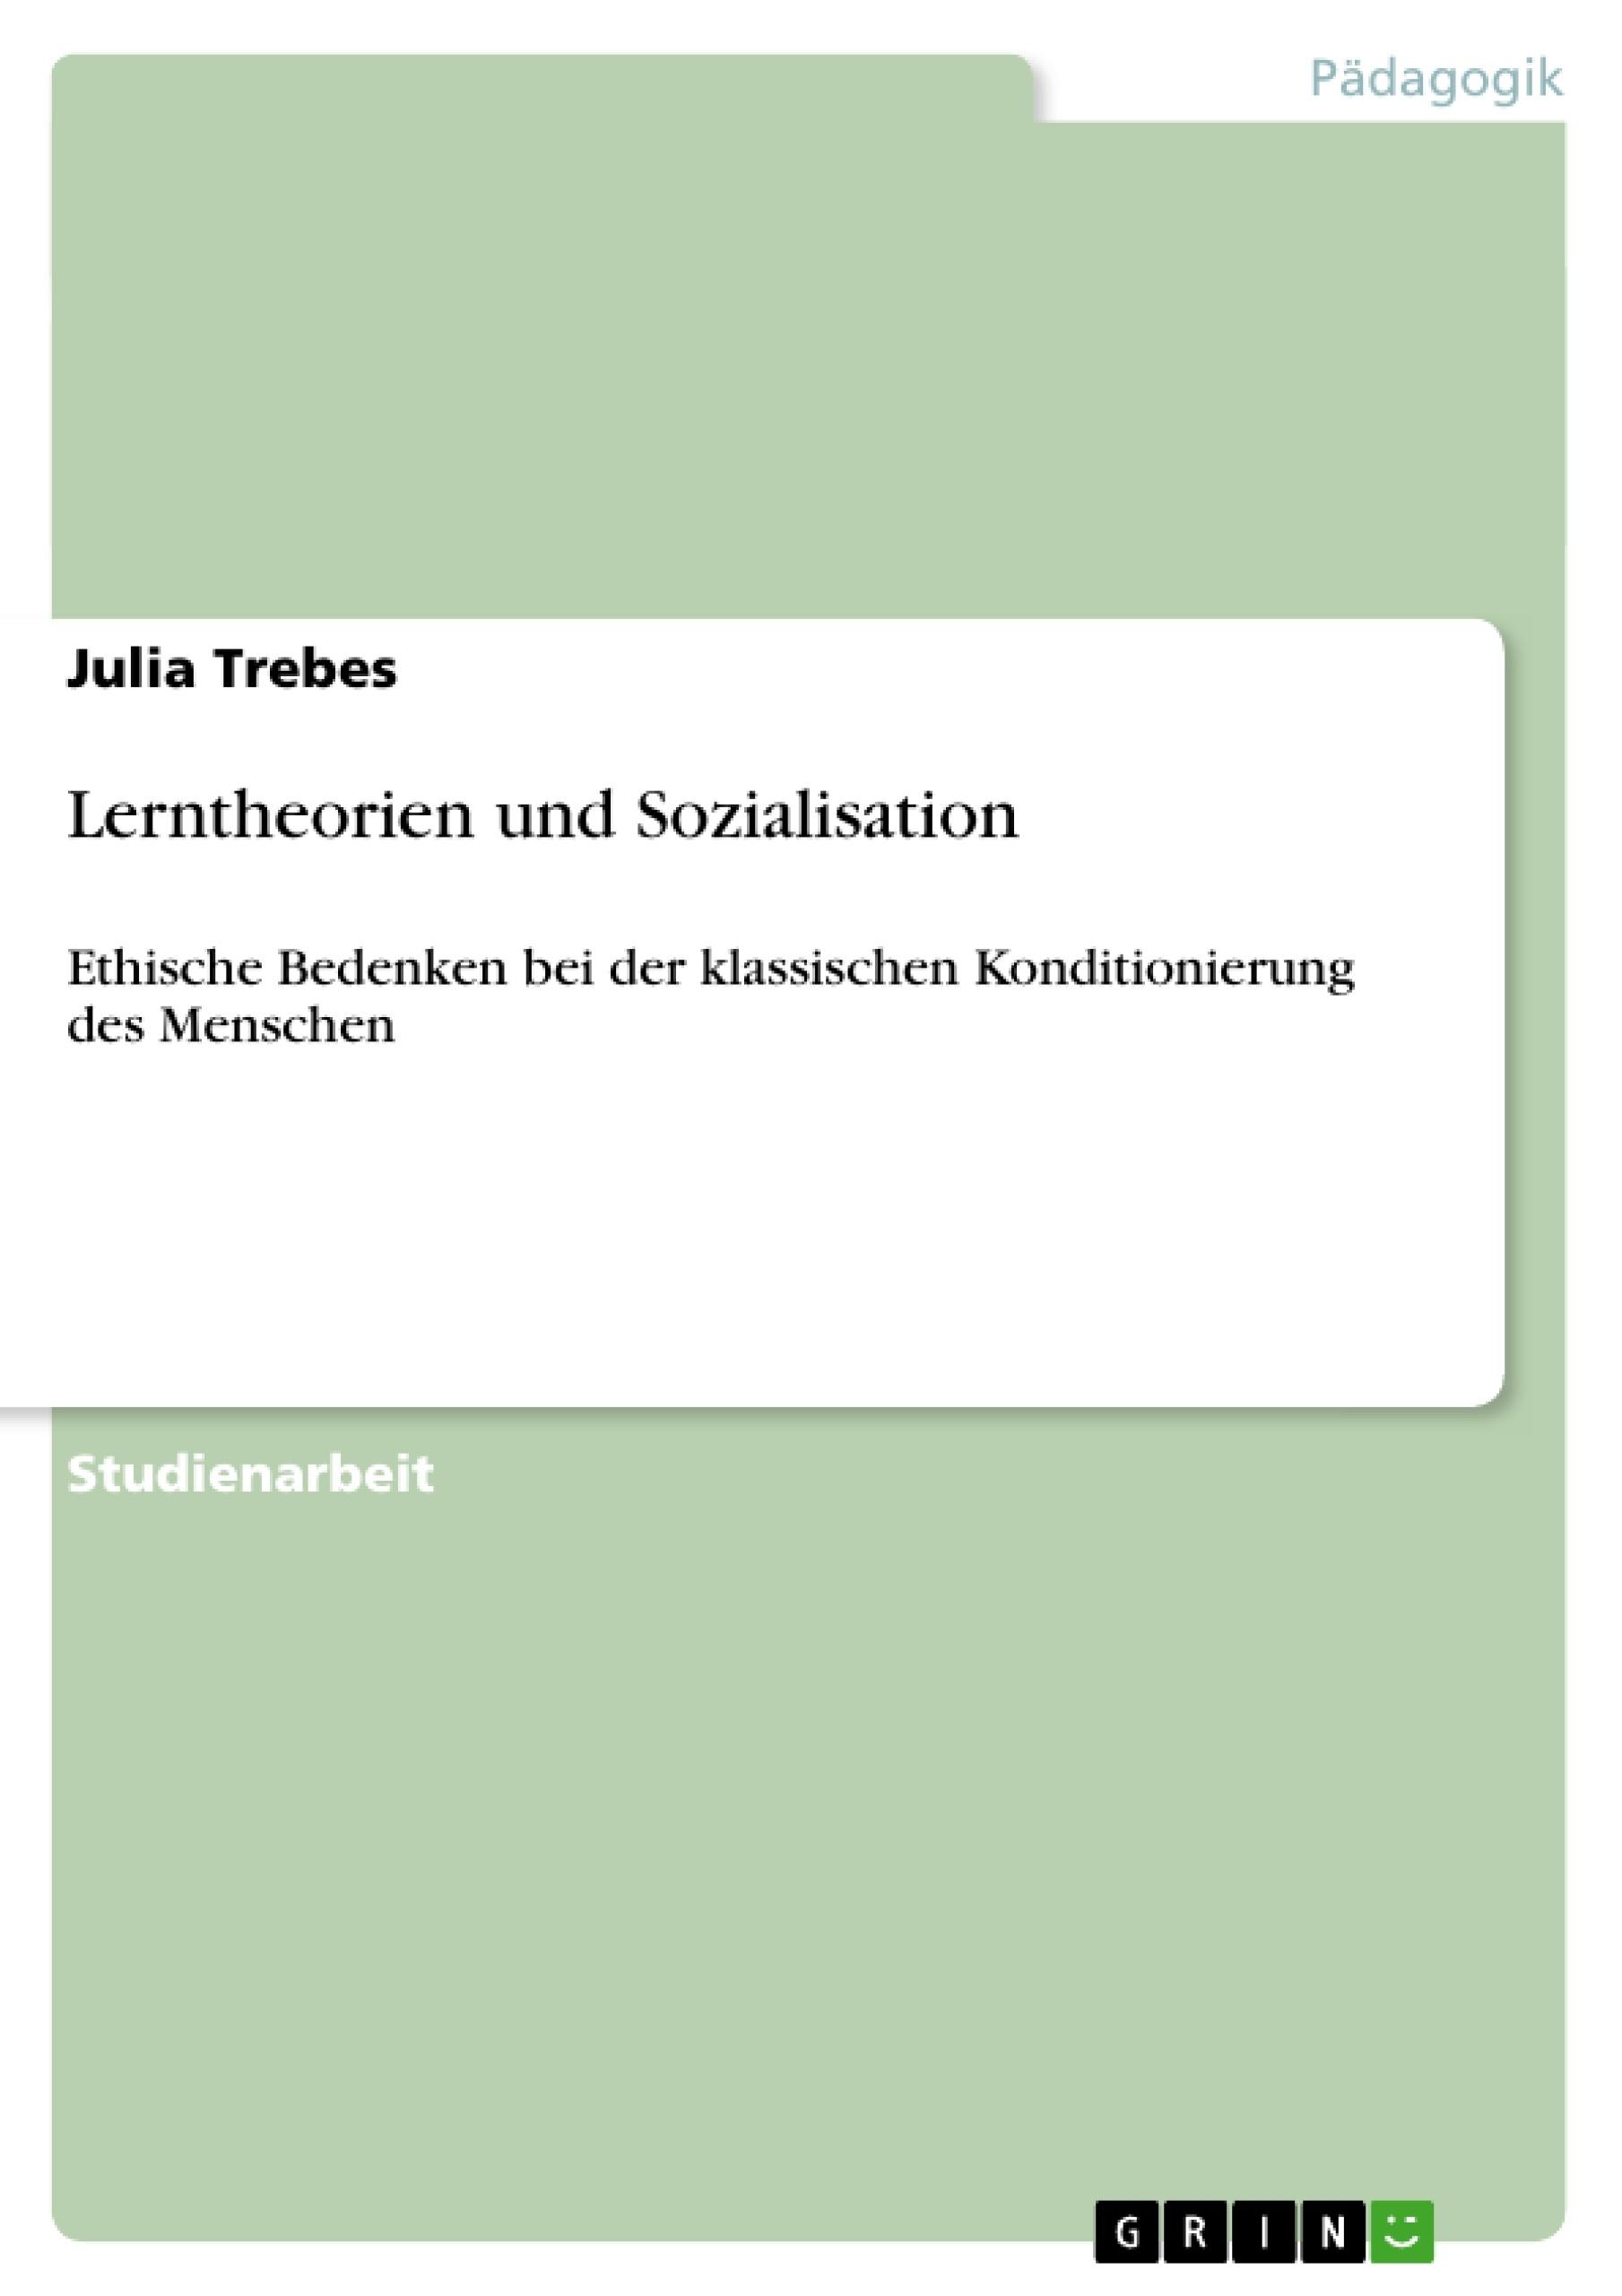 Titel: Lerntheorien und Sozialisation